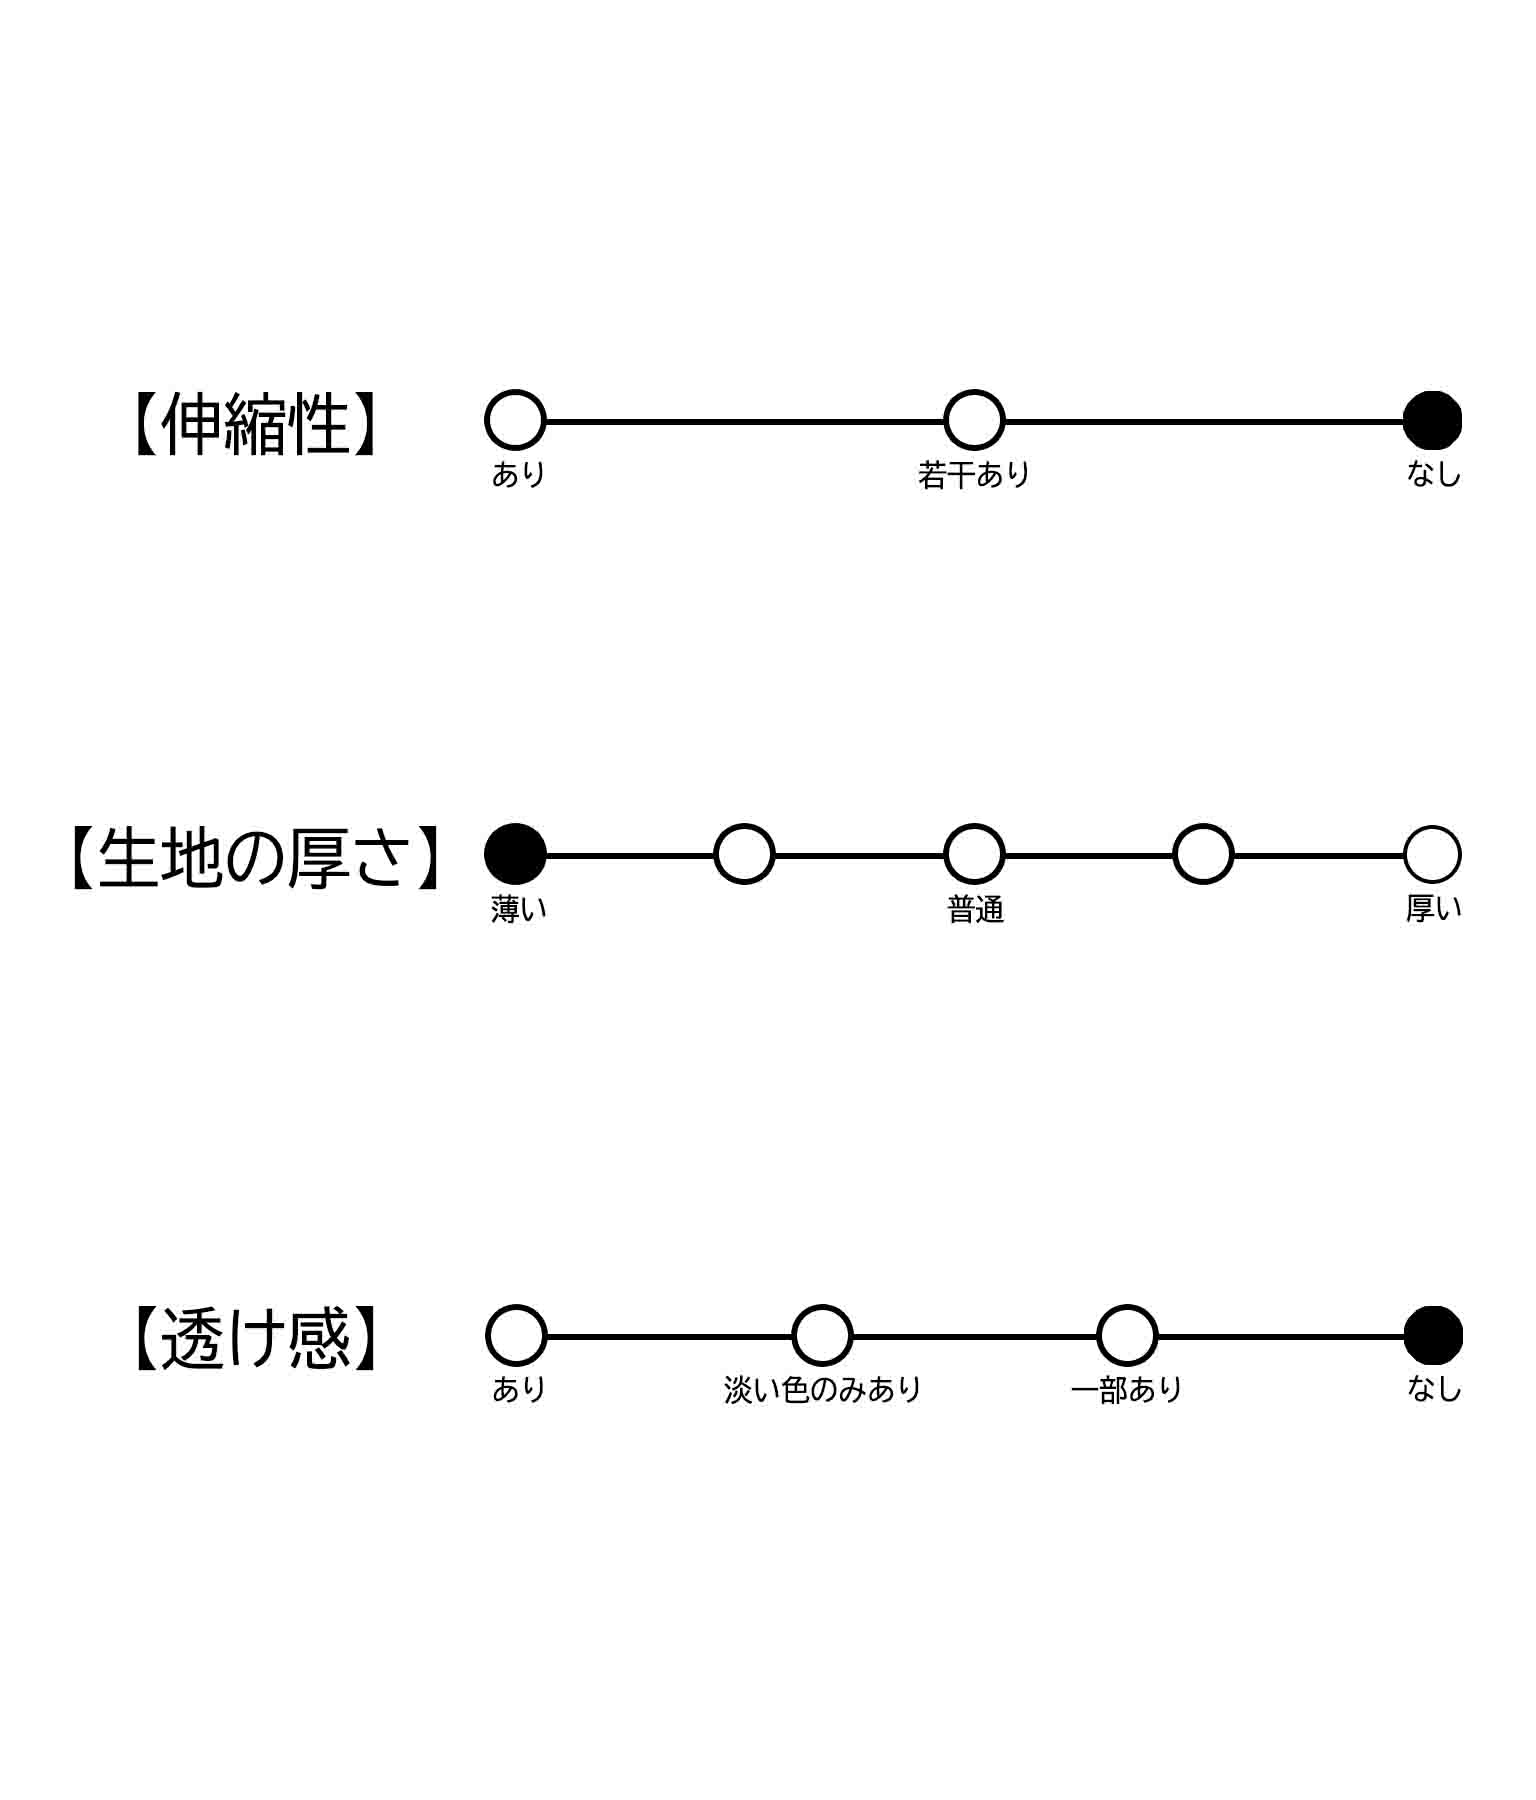 サイドスリットシャーリングサロペット(ワンピース・ドレス/サロペット/オールインワン) | ANAP